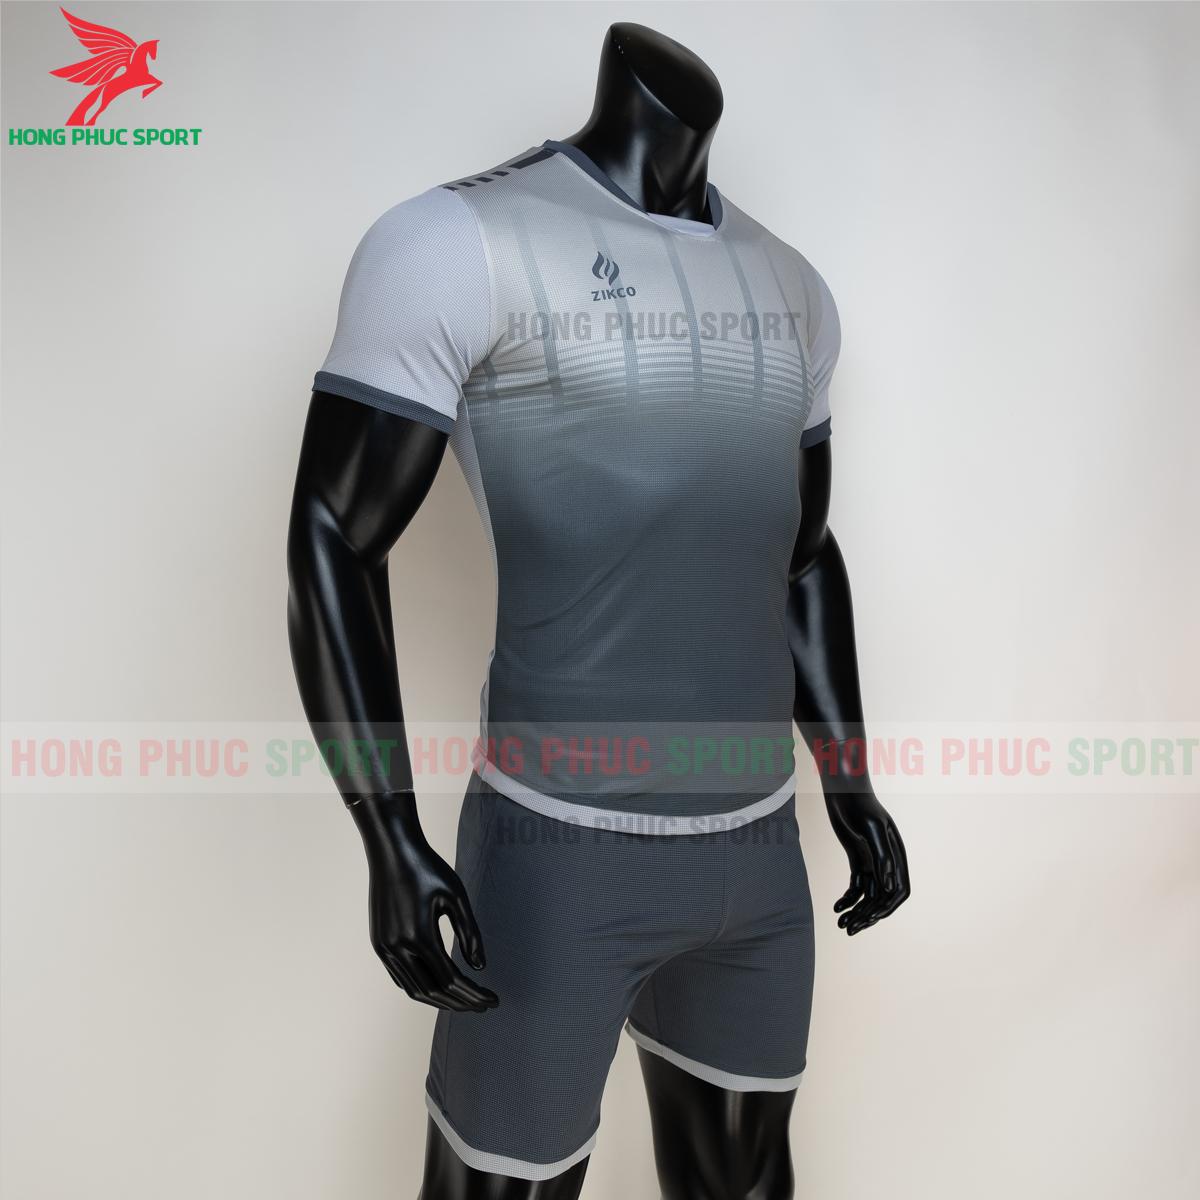 https://cdn.hongphucsport.com/unsafe/s4.shopbay.vn/files/285/ao-bong-da-khong-logo-zikco-z01-mau-den-6-605024f118a1c.png